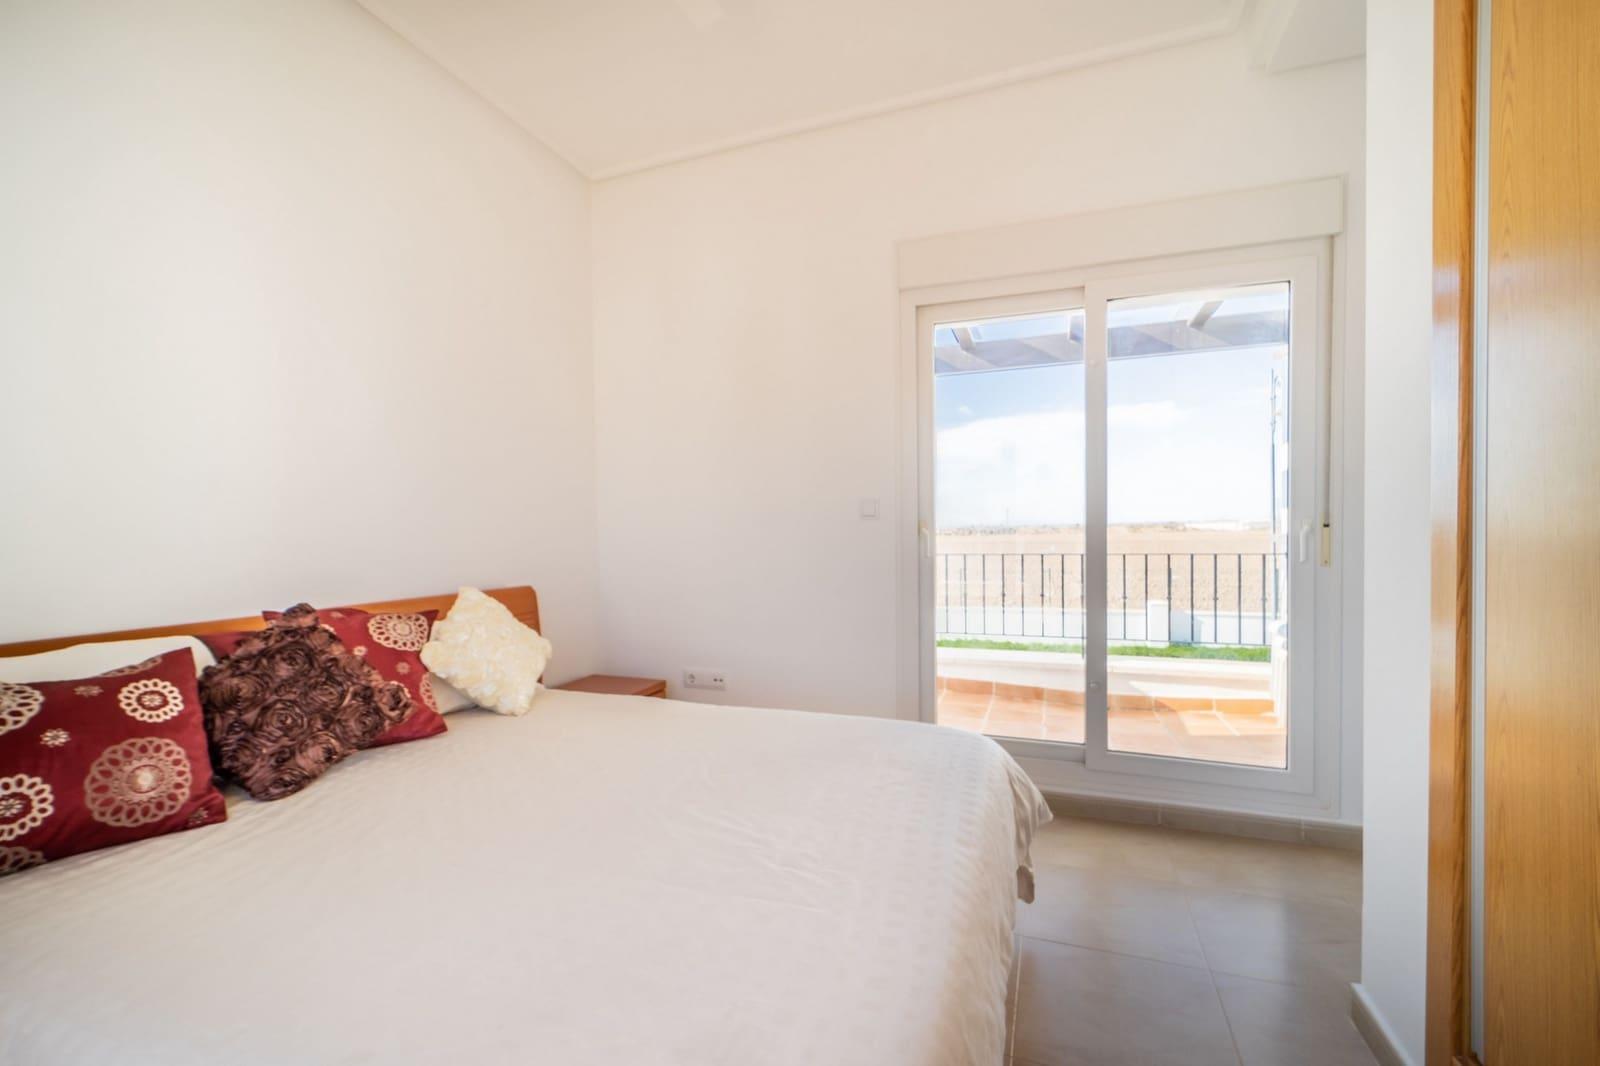 3 quarto Moradia para arrendar em Roldan com piscina - 990 € (Ref: 5871513)